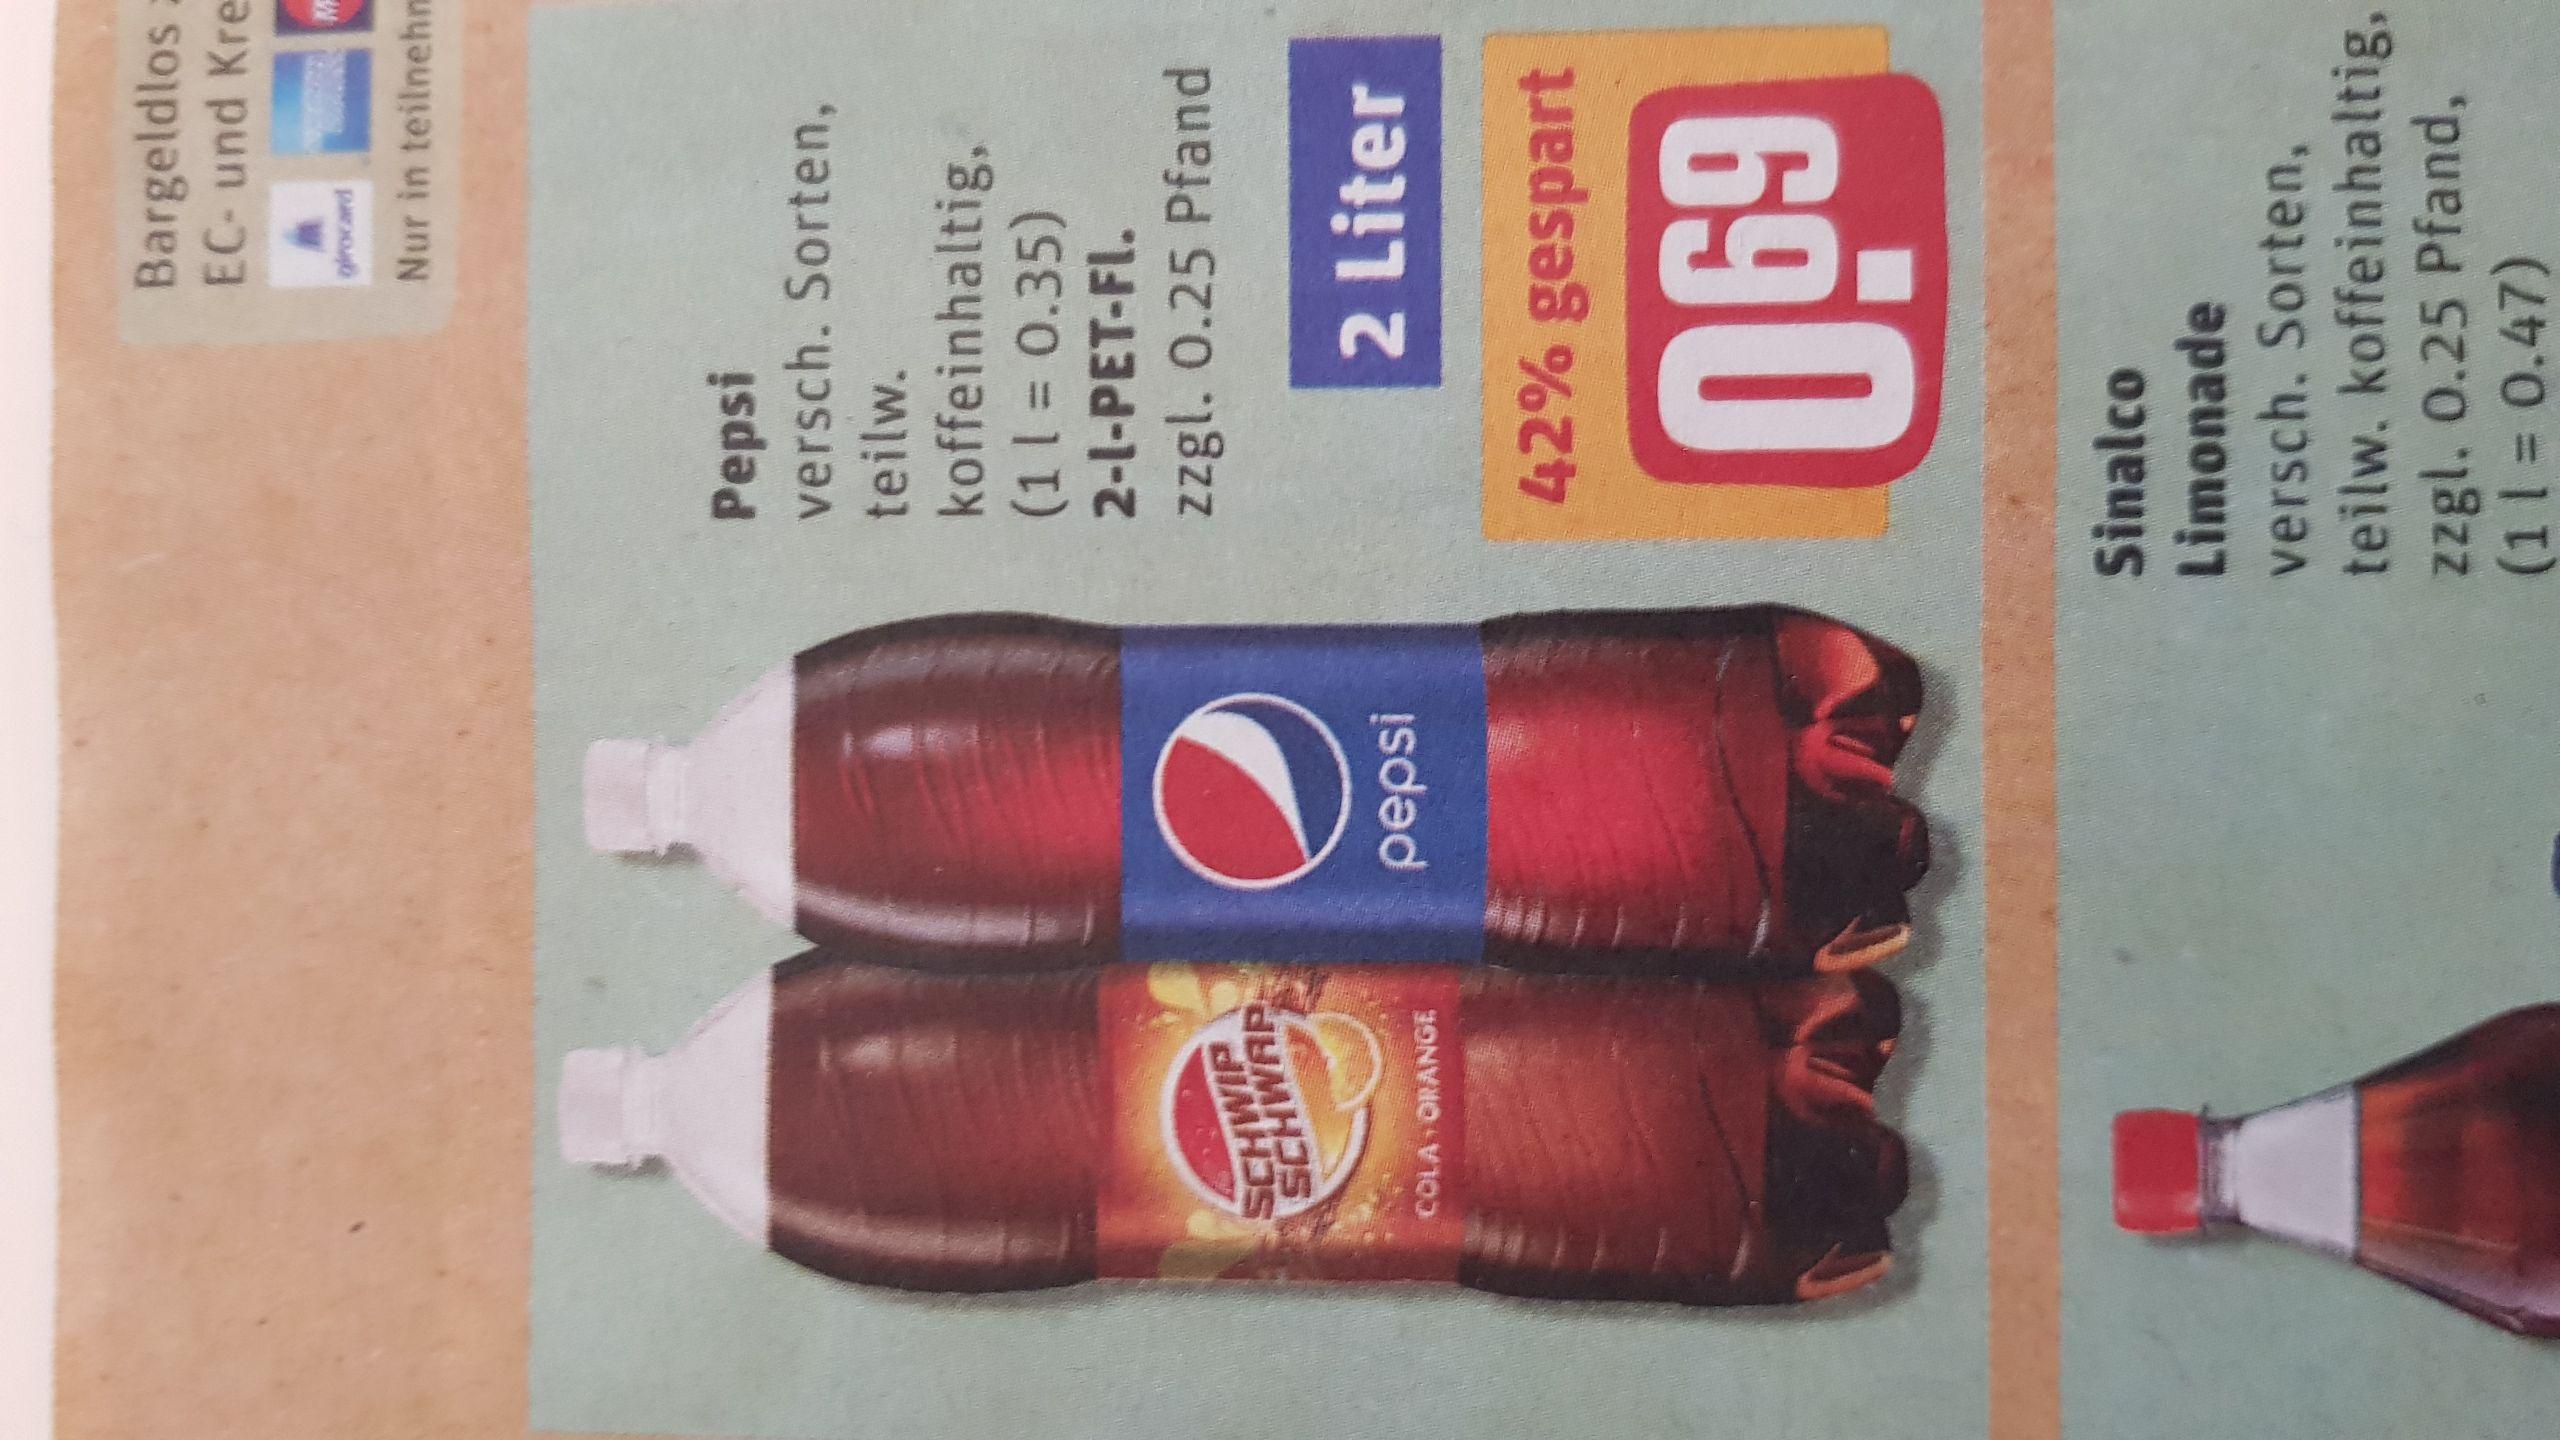 Pepsi versch. Sorten 2L Flasche für 0,69€ @ Rewe zzgl Pfand